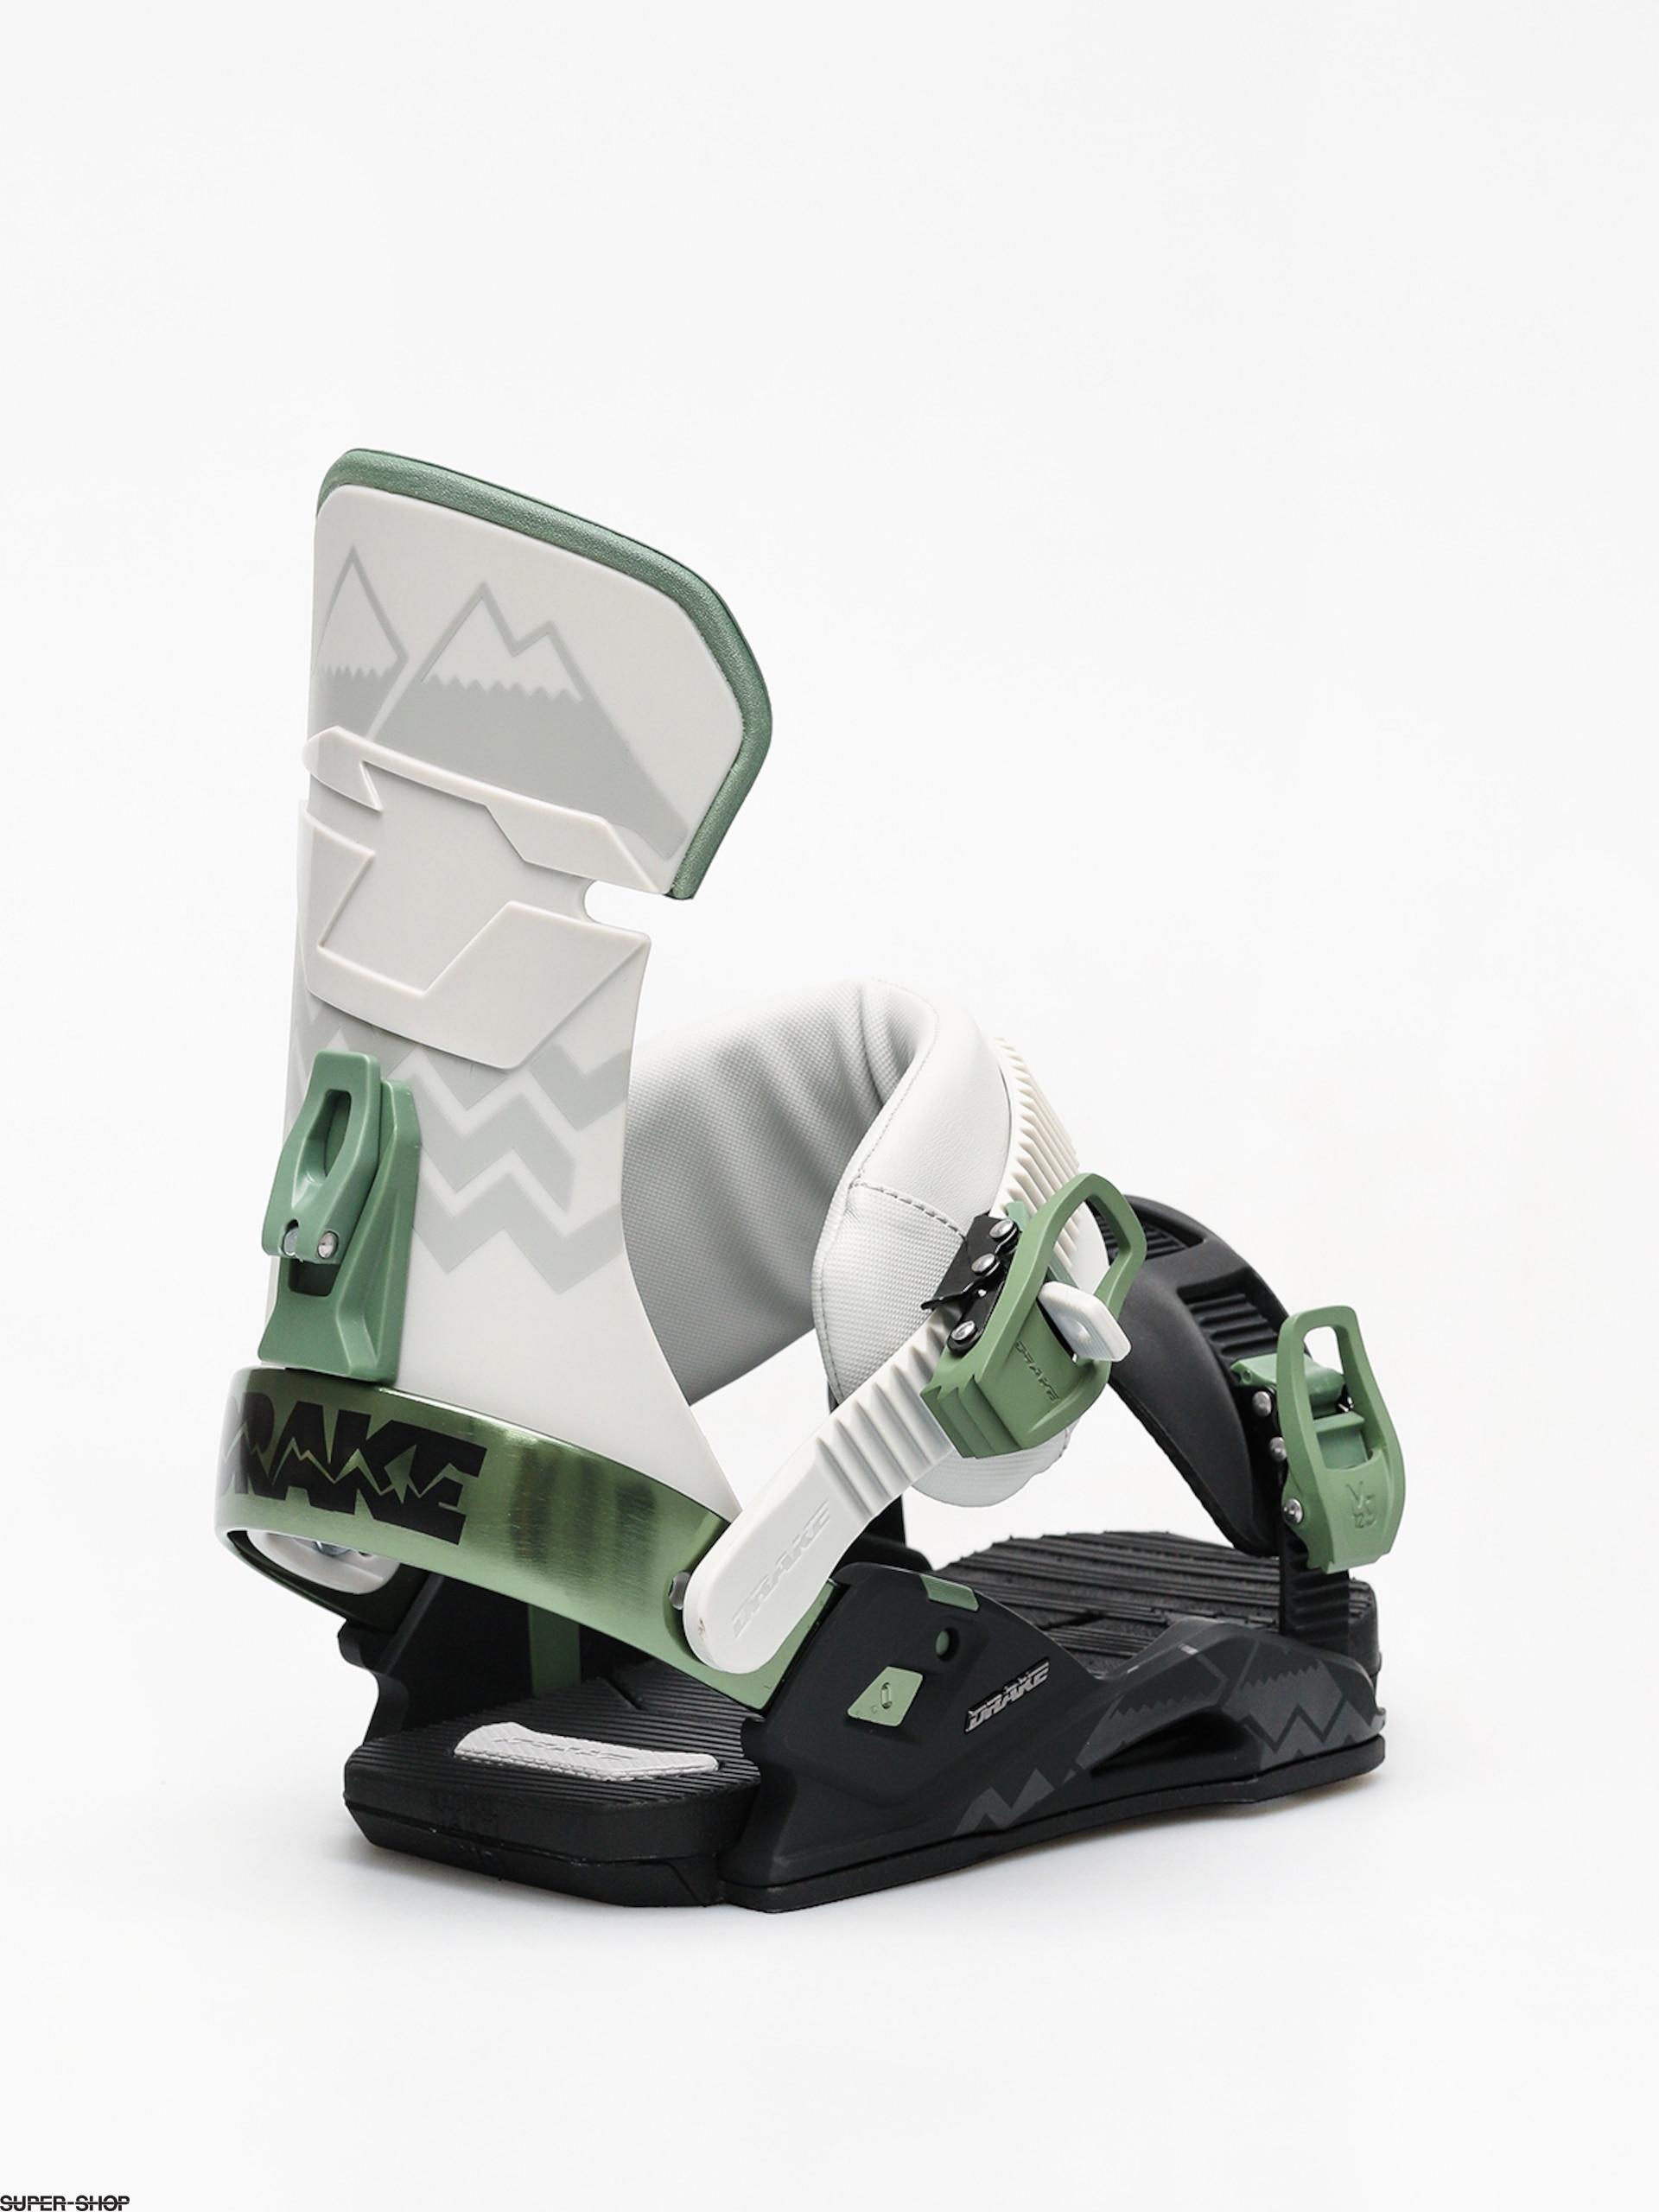 406e6dd1a0a Drake Reload Snowboard bindings (black grey green)